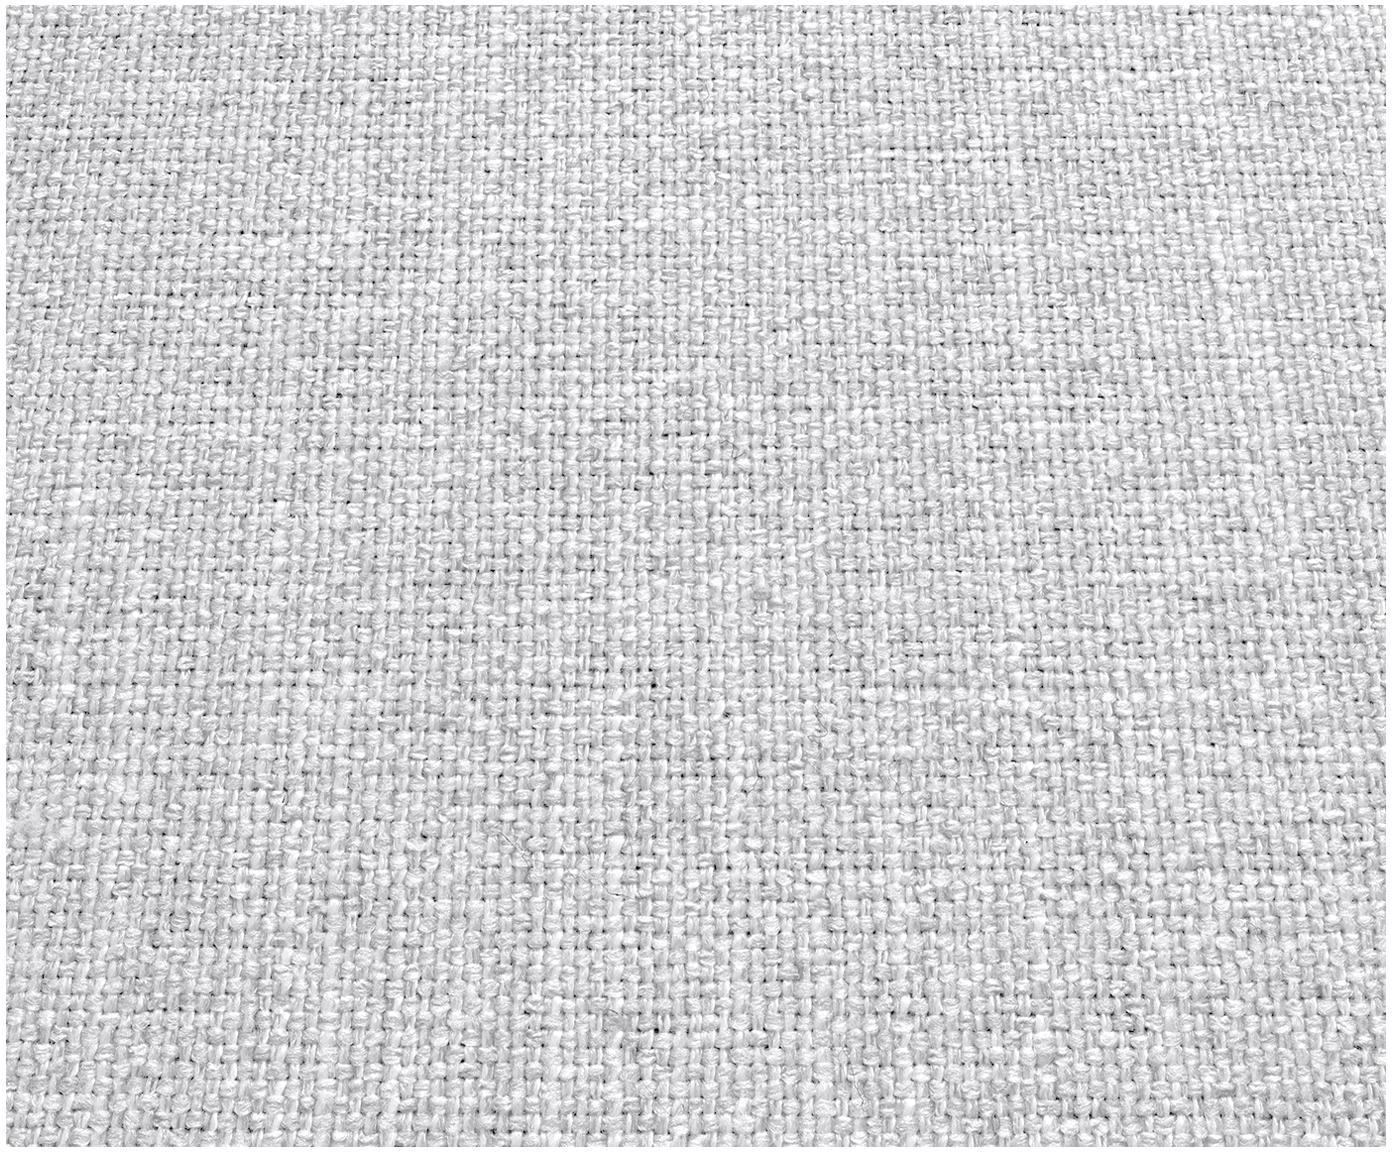 Divano 3 posti in tessuto grigio chiaro Moby, Rivestimento: poliestere 60.000 cicli d, Struttura: legno di pino massiccio, Piedini: metallo verniciato a polv, Grigio chiaro, Larg. 220 x Prof. 95 cm